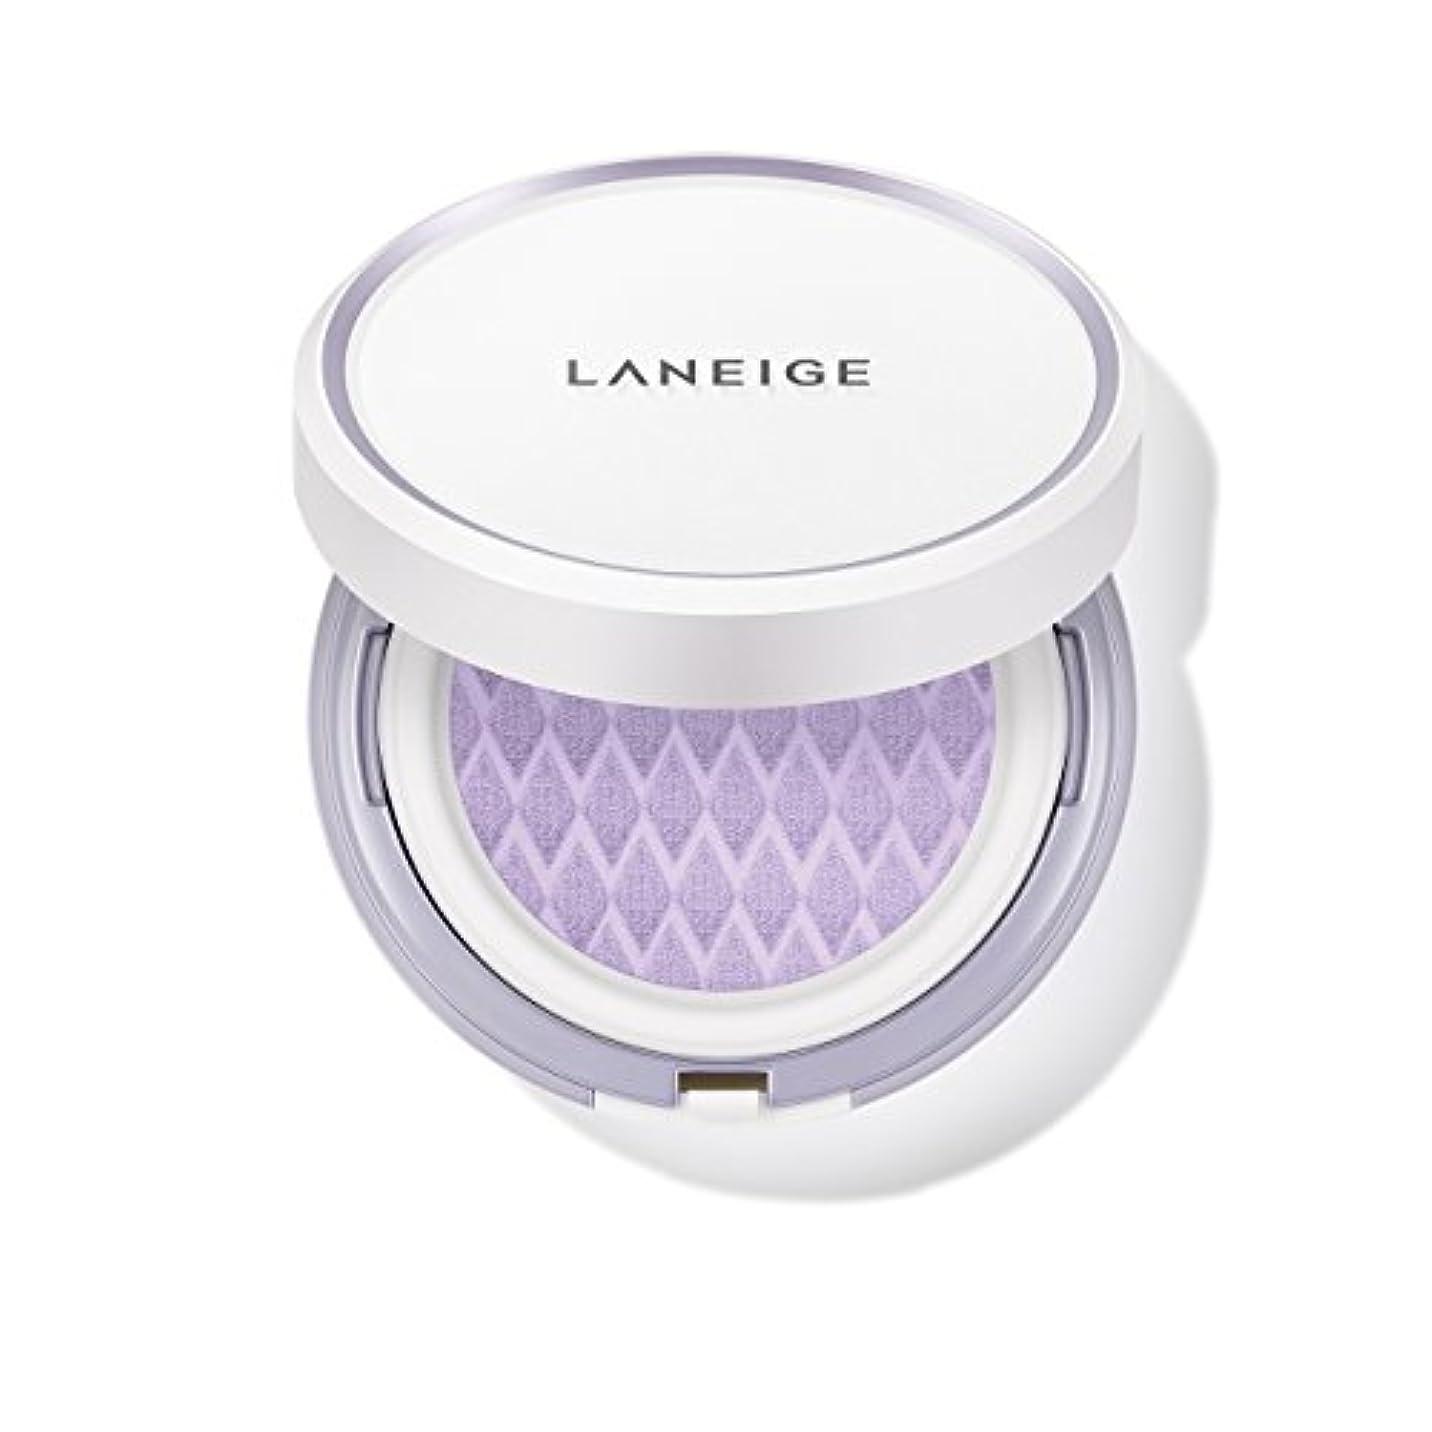 次へガチョウ過度にラネージュ[LANEIGE]*AMOREPACIFIC*[新商品]スキンベなベースクッションSPF 22PA++(#40 Light Purple) 15g*2 / LANEIGE Skin Veil Base Cushion...